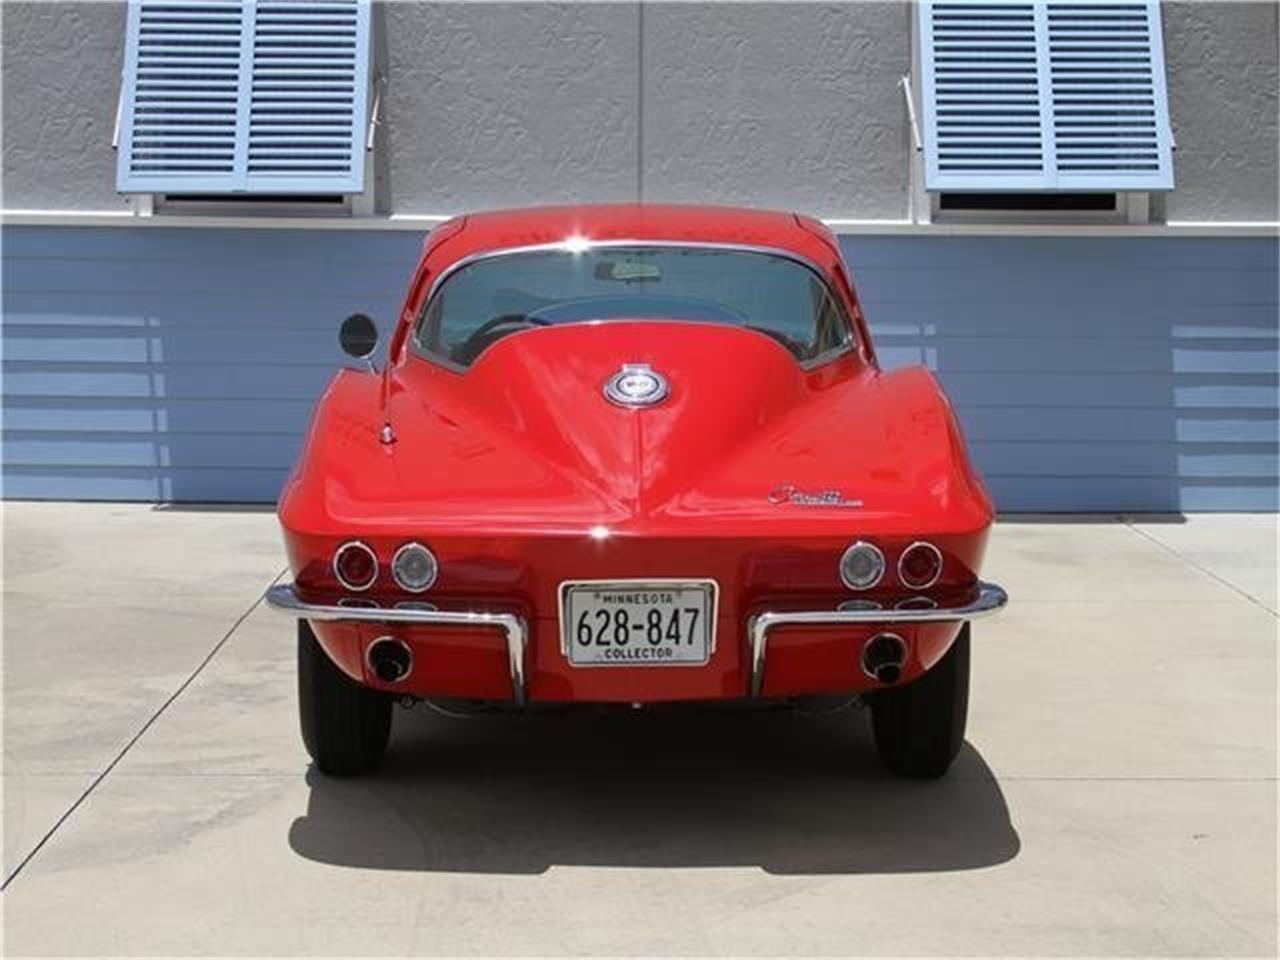 Large Picture of Classic '65 Chevrolet Corvette located in Vero Beach Florida - $145,000.00 - MAJN